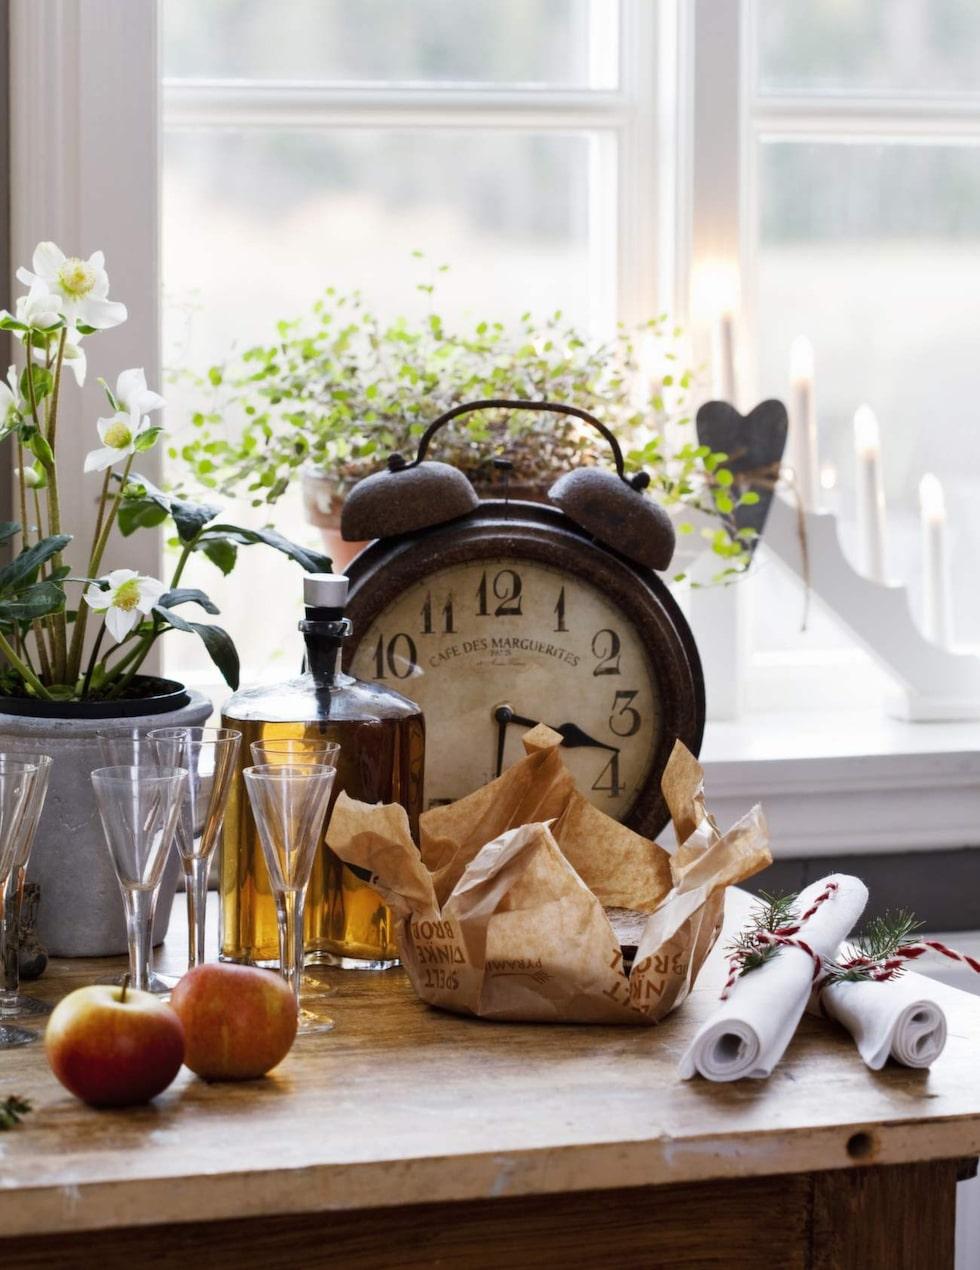 I köket står ett gammalt bord som extra avställningsyta. Klockan kommer från Utängs antik. Ulf gör egen snaps varje jul med smak av kardemumma och kanel.